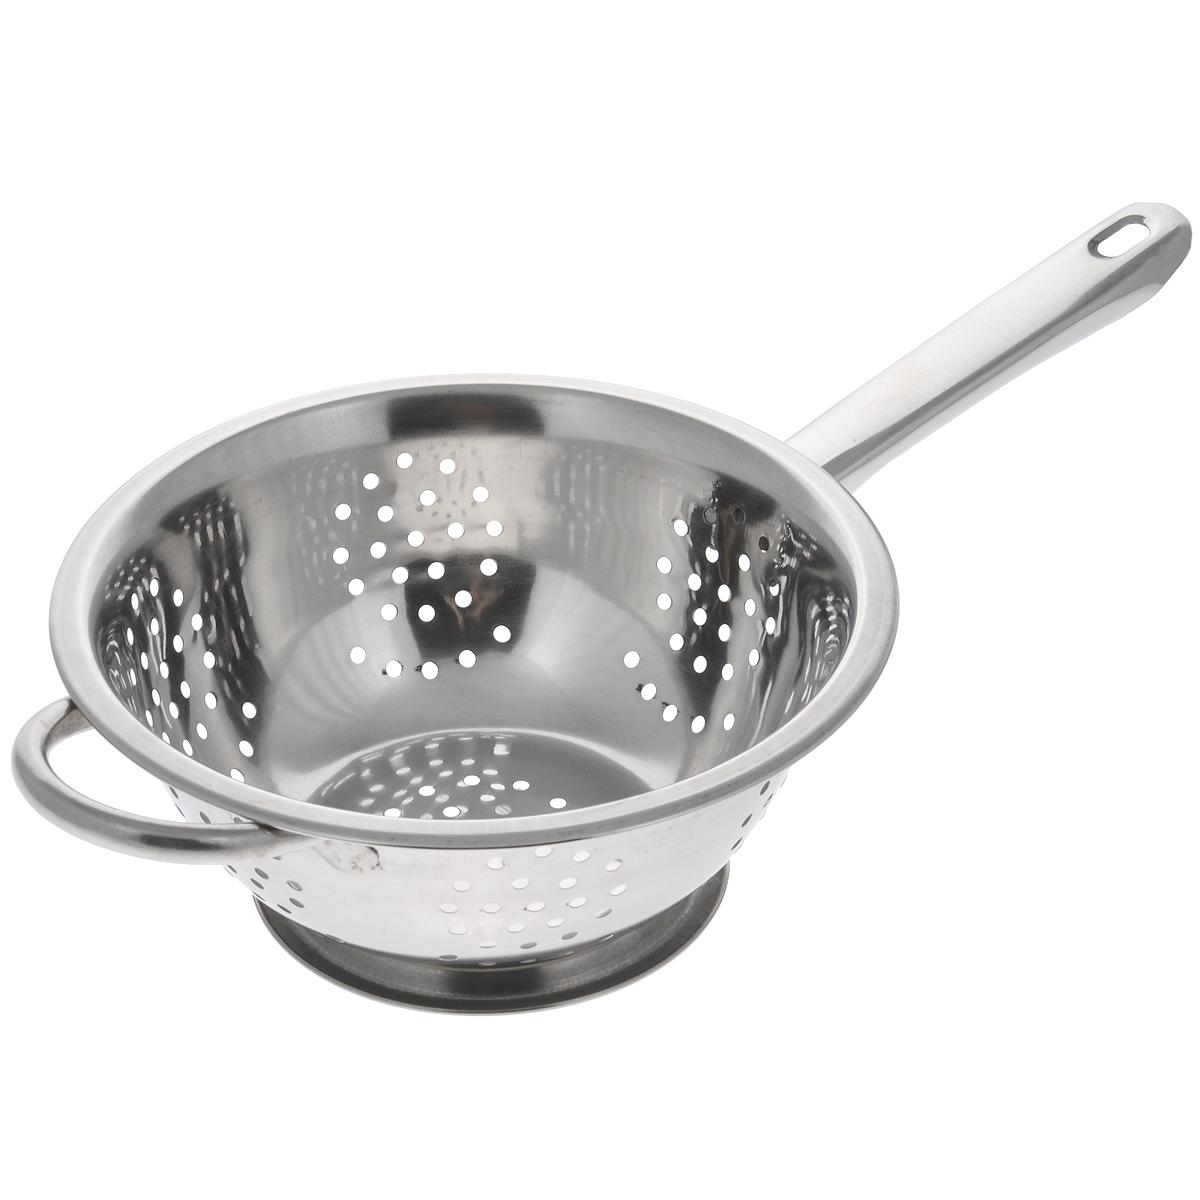 """Дуршлаг """"Padia"""", изготовленный из высококачественной нержавеющей стали, станет полезным приобретением для вашей кухни. Он идеально подходит для процеживания, ополаскивания и стекания макарон, овощей, фруктов. Дуршлаг оснащен устойчивым основанием, длинной и короткой ручками. Диаметр дуршлага (без учета ручек): 20 см. Внутренний диаметр: 18 см. Длина дуршлага (с учетом ручек): 35 см. Высота стенки дуршлага: 7 см."""